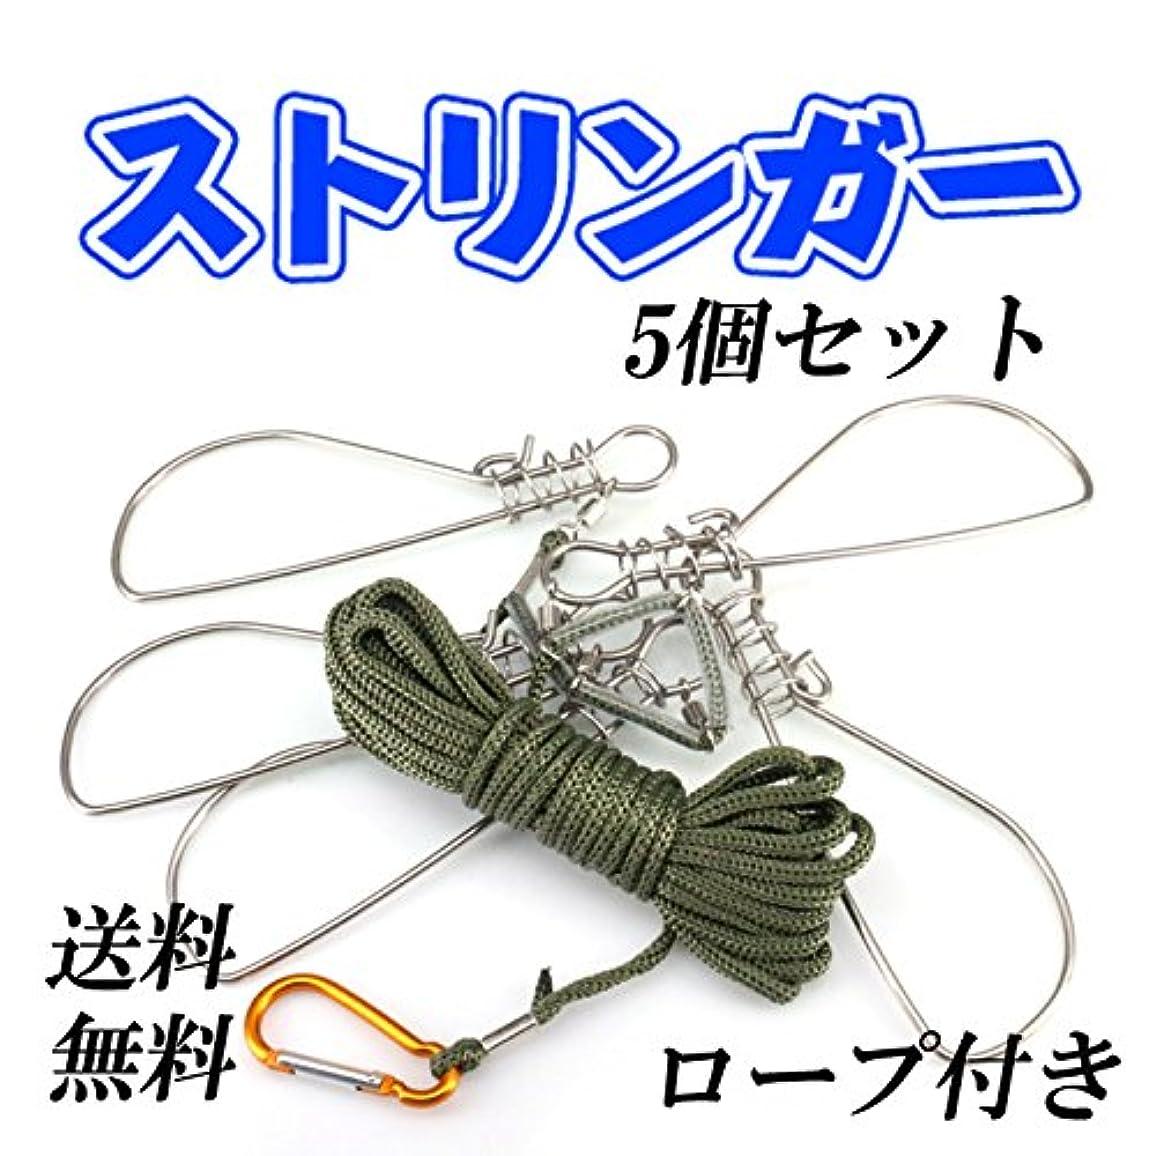 把握レビュー母性ストリンガー 5個セット ロープ付 セット 釣り つり 鮮度保持 フィッシングツール フィッシュグリップ フック型 釣具 (代引き送料一律1000円別。)